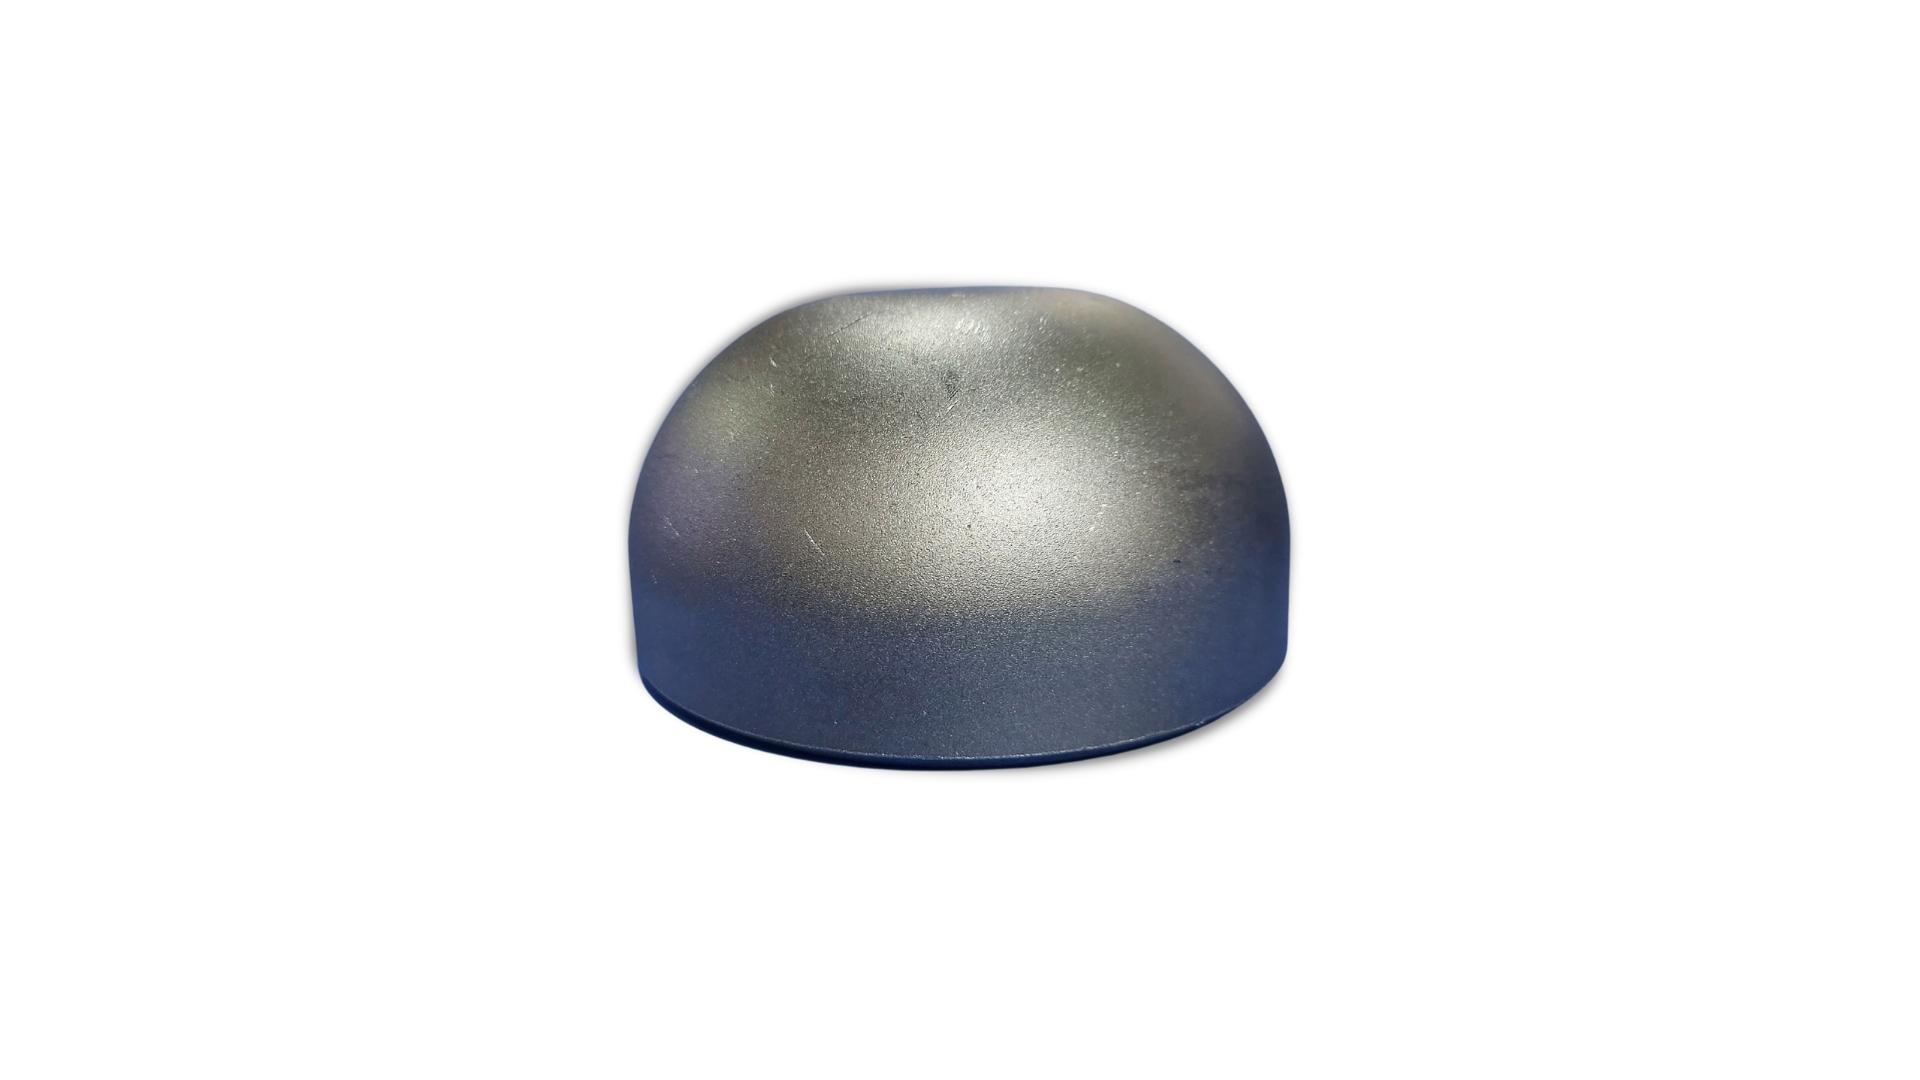 Milfit Boru Bağlantı Elemanları Dikişsiz Çelik Kep